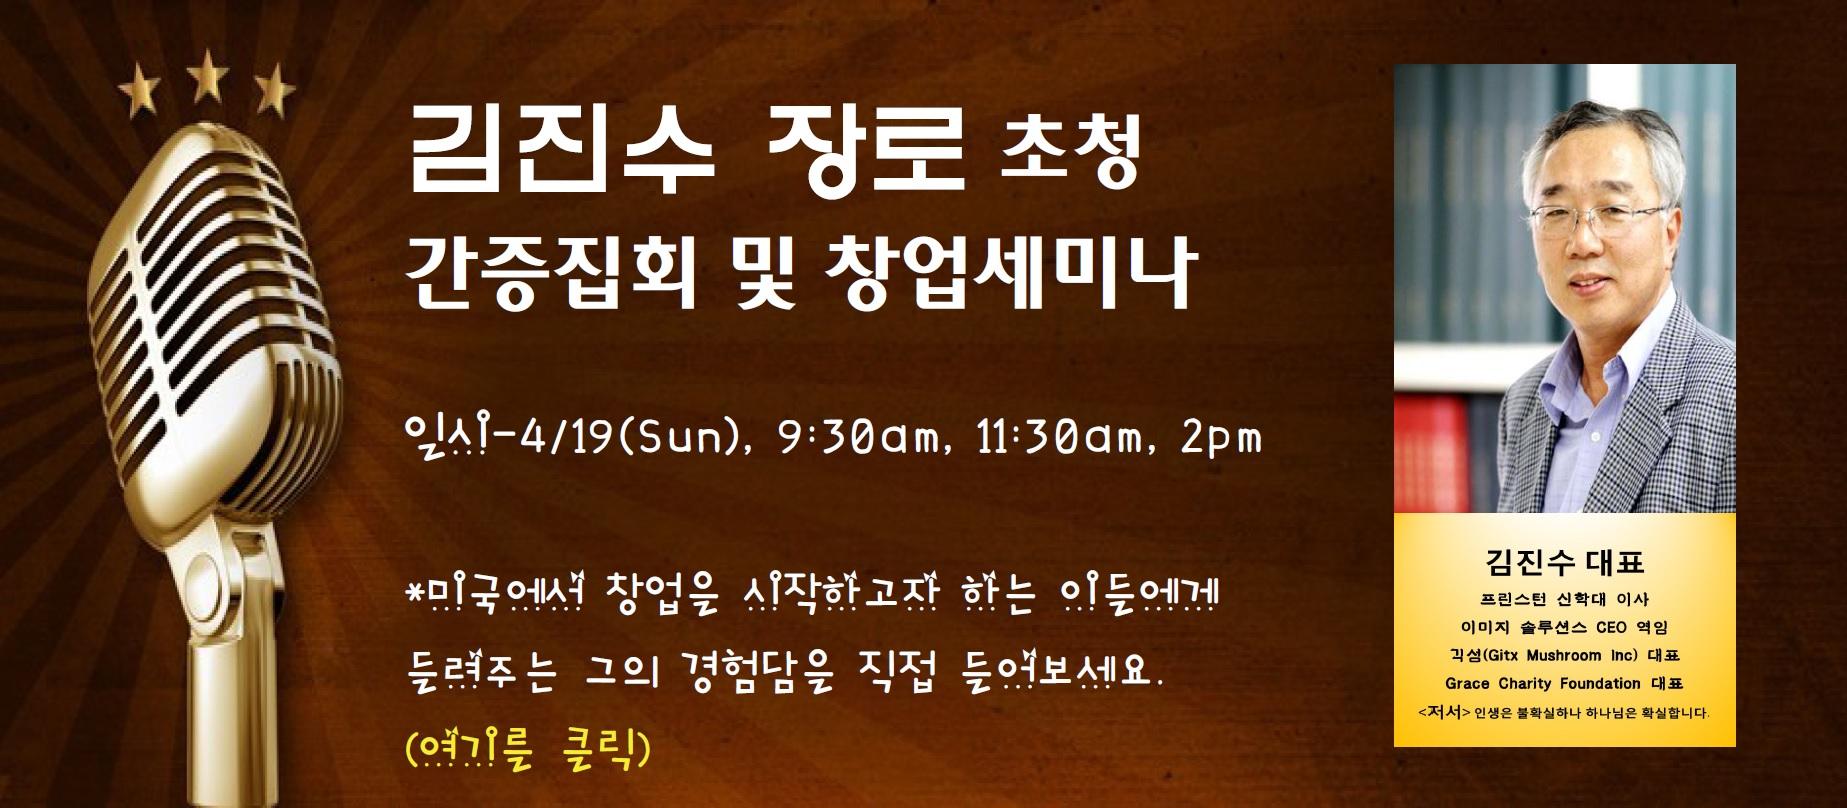 김진수 장로 초청 간증집회